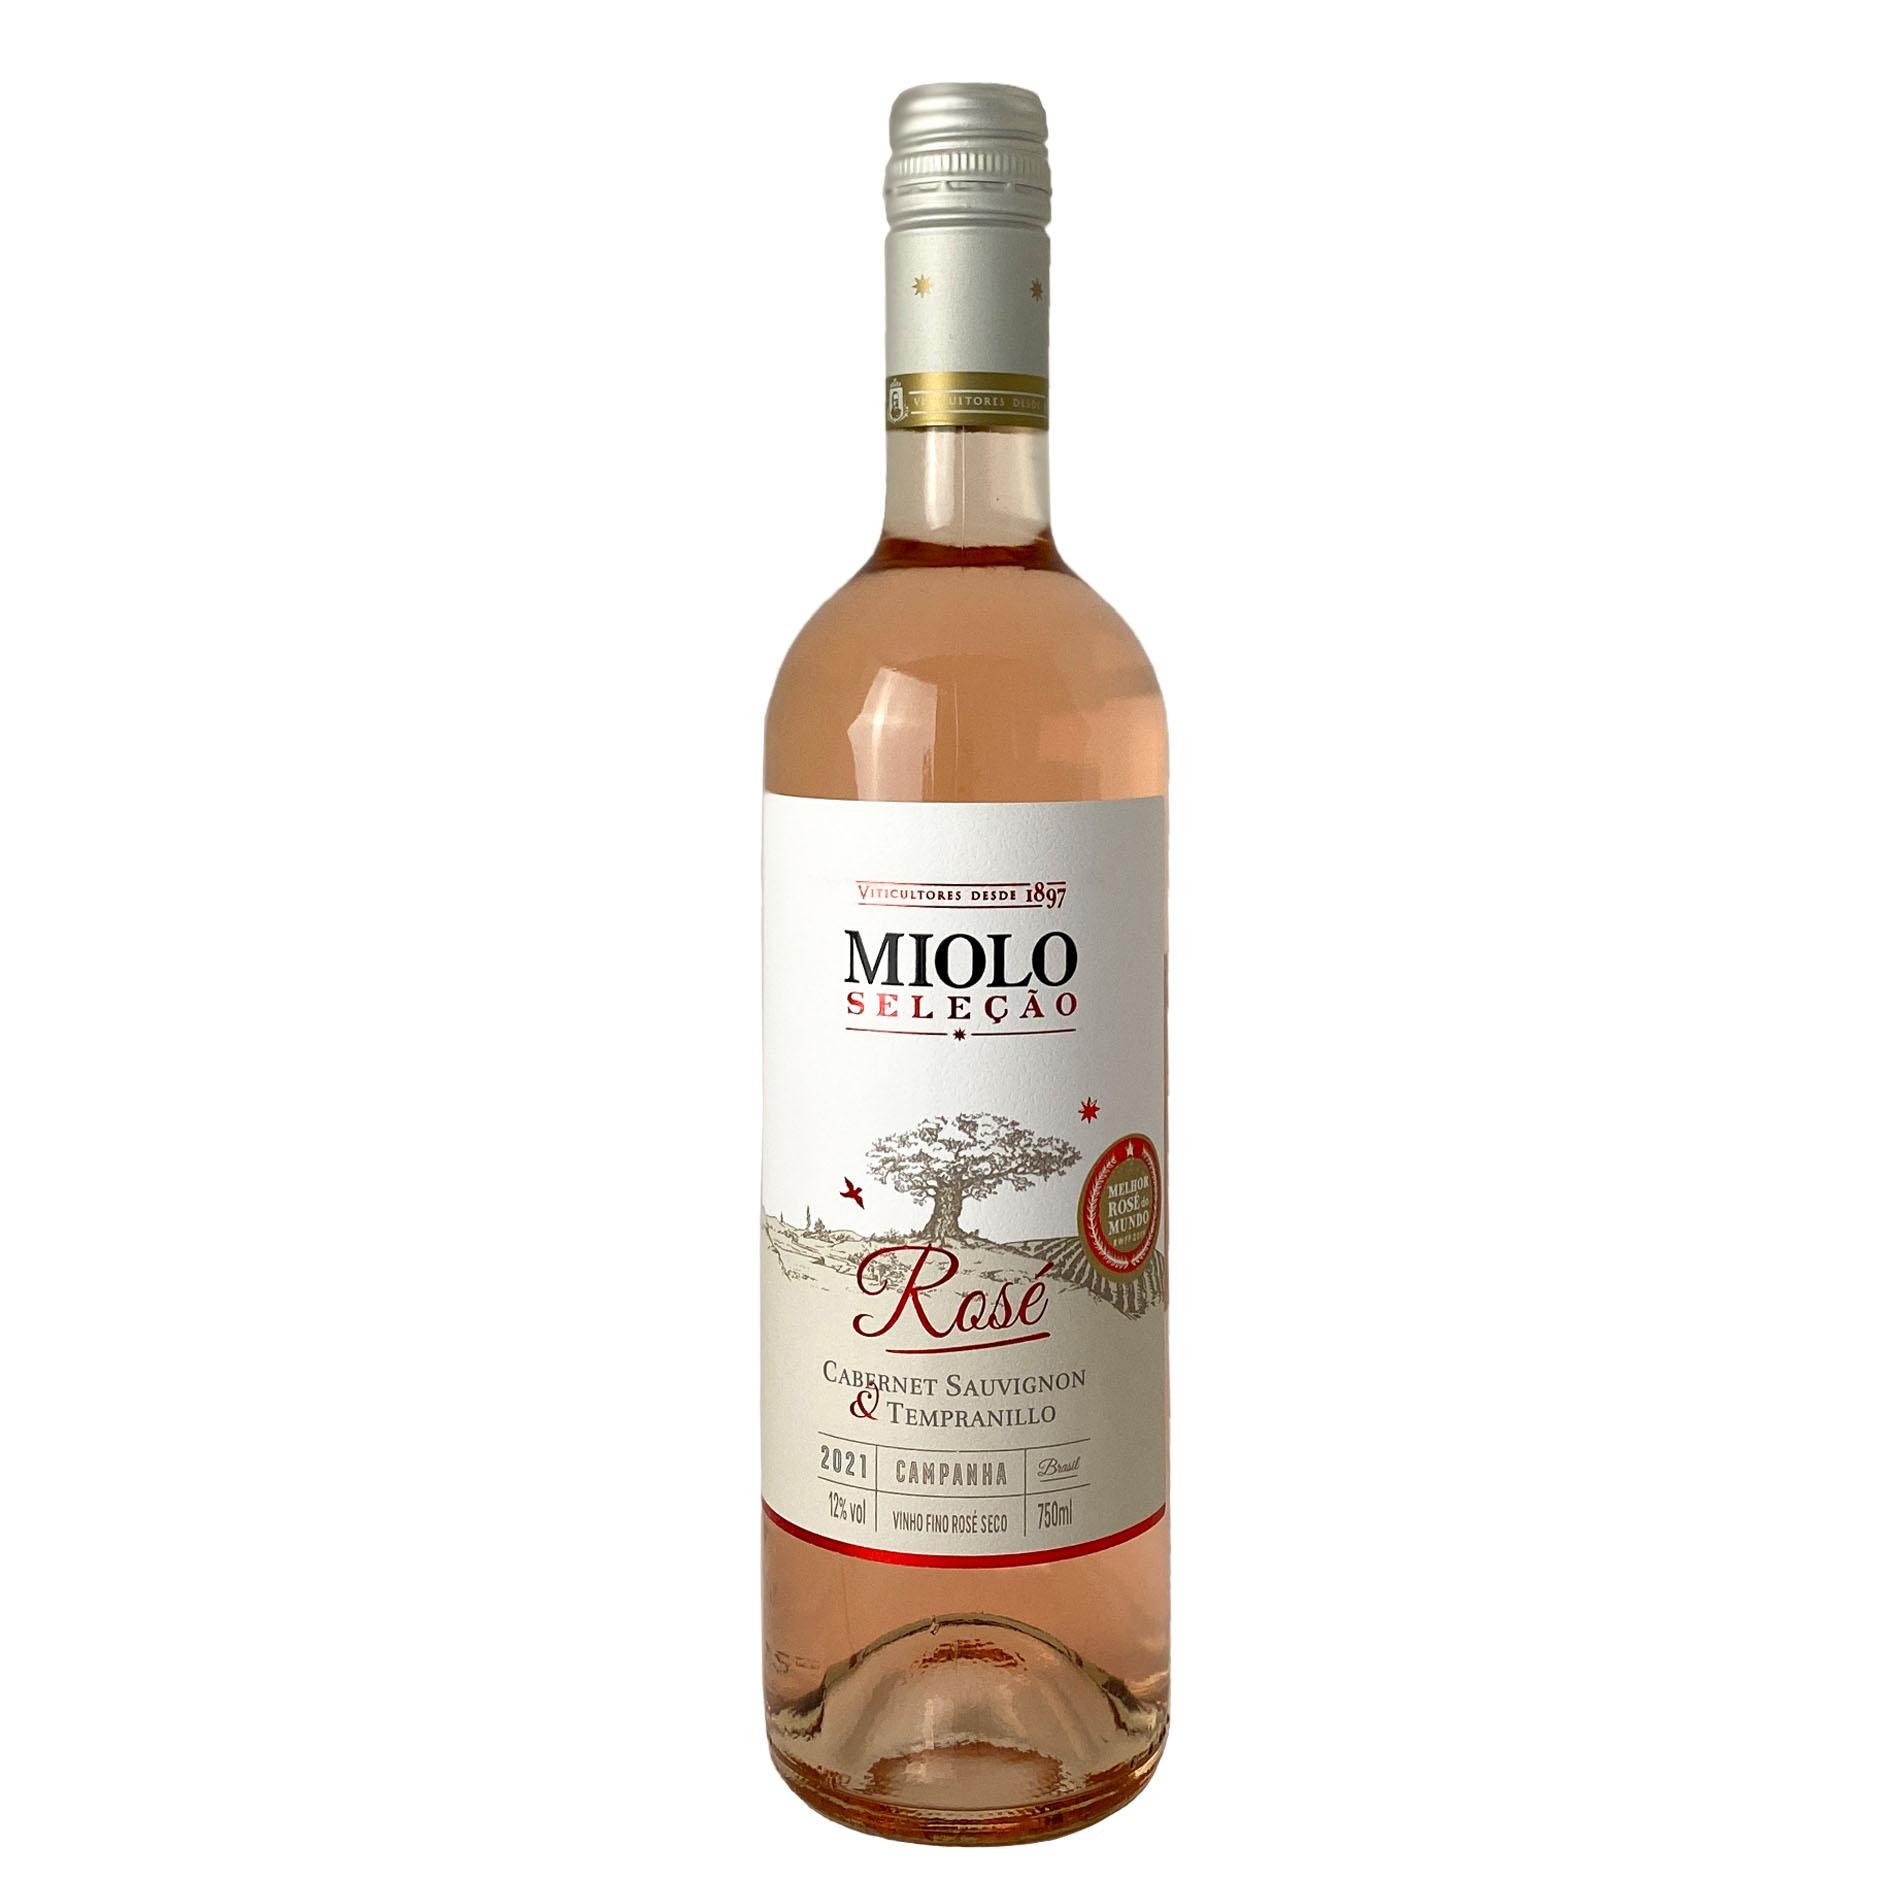 Miolo Seleção Rosé  - Vinerize